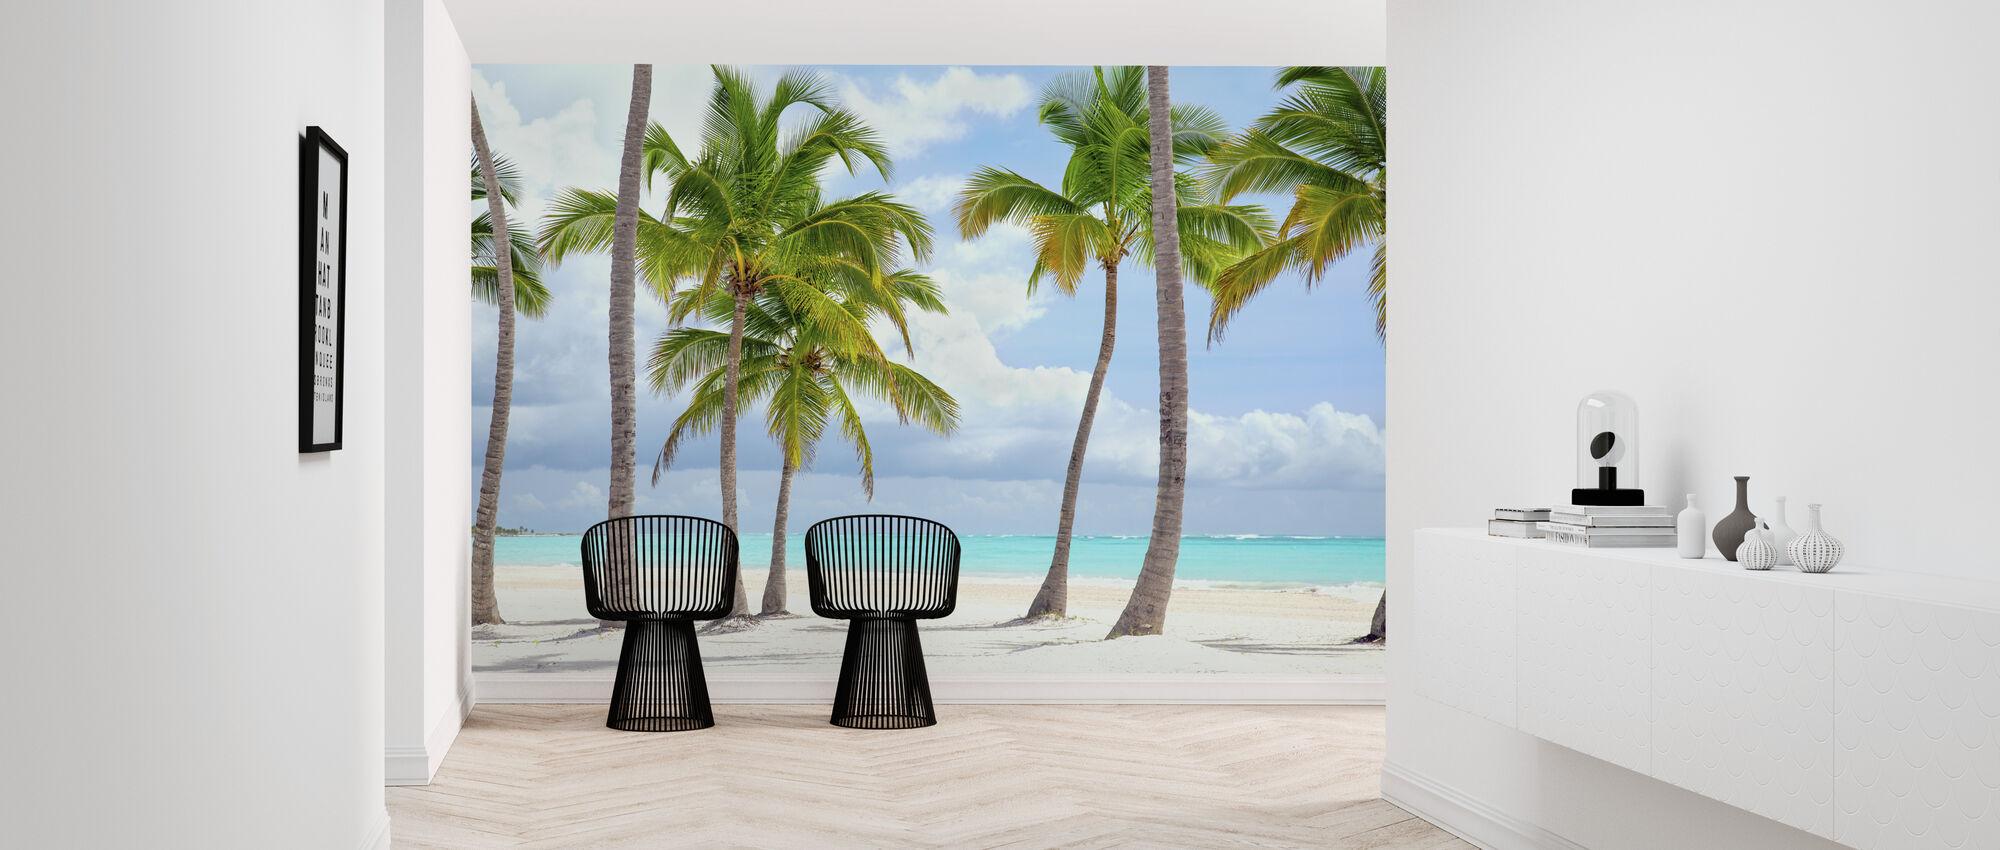 Cap Cana Seacoast - Wallpaper - Hallway